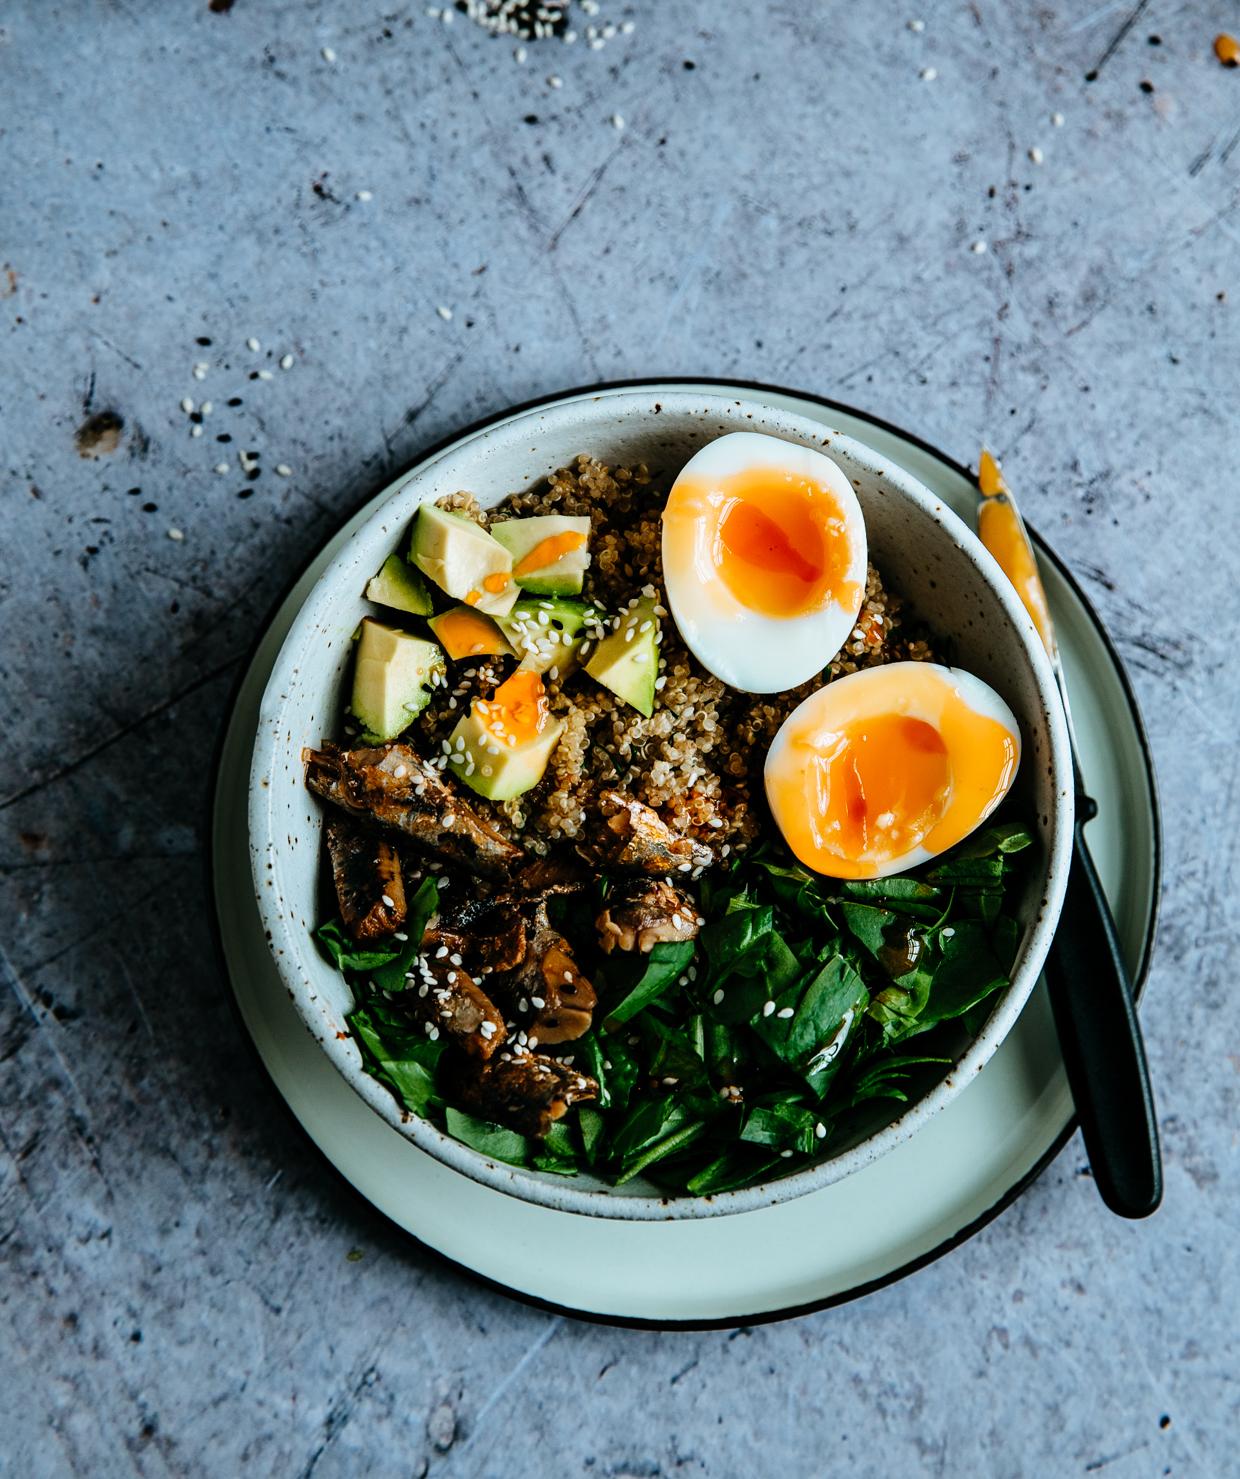 Sardine, avocado & spinach quinoa bowl